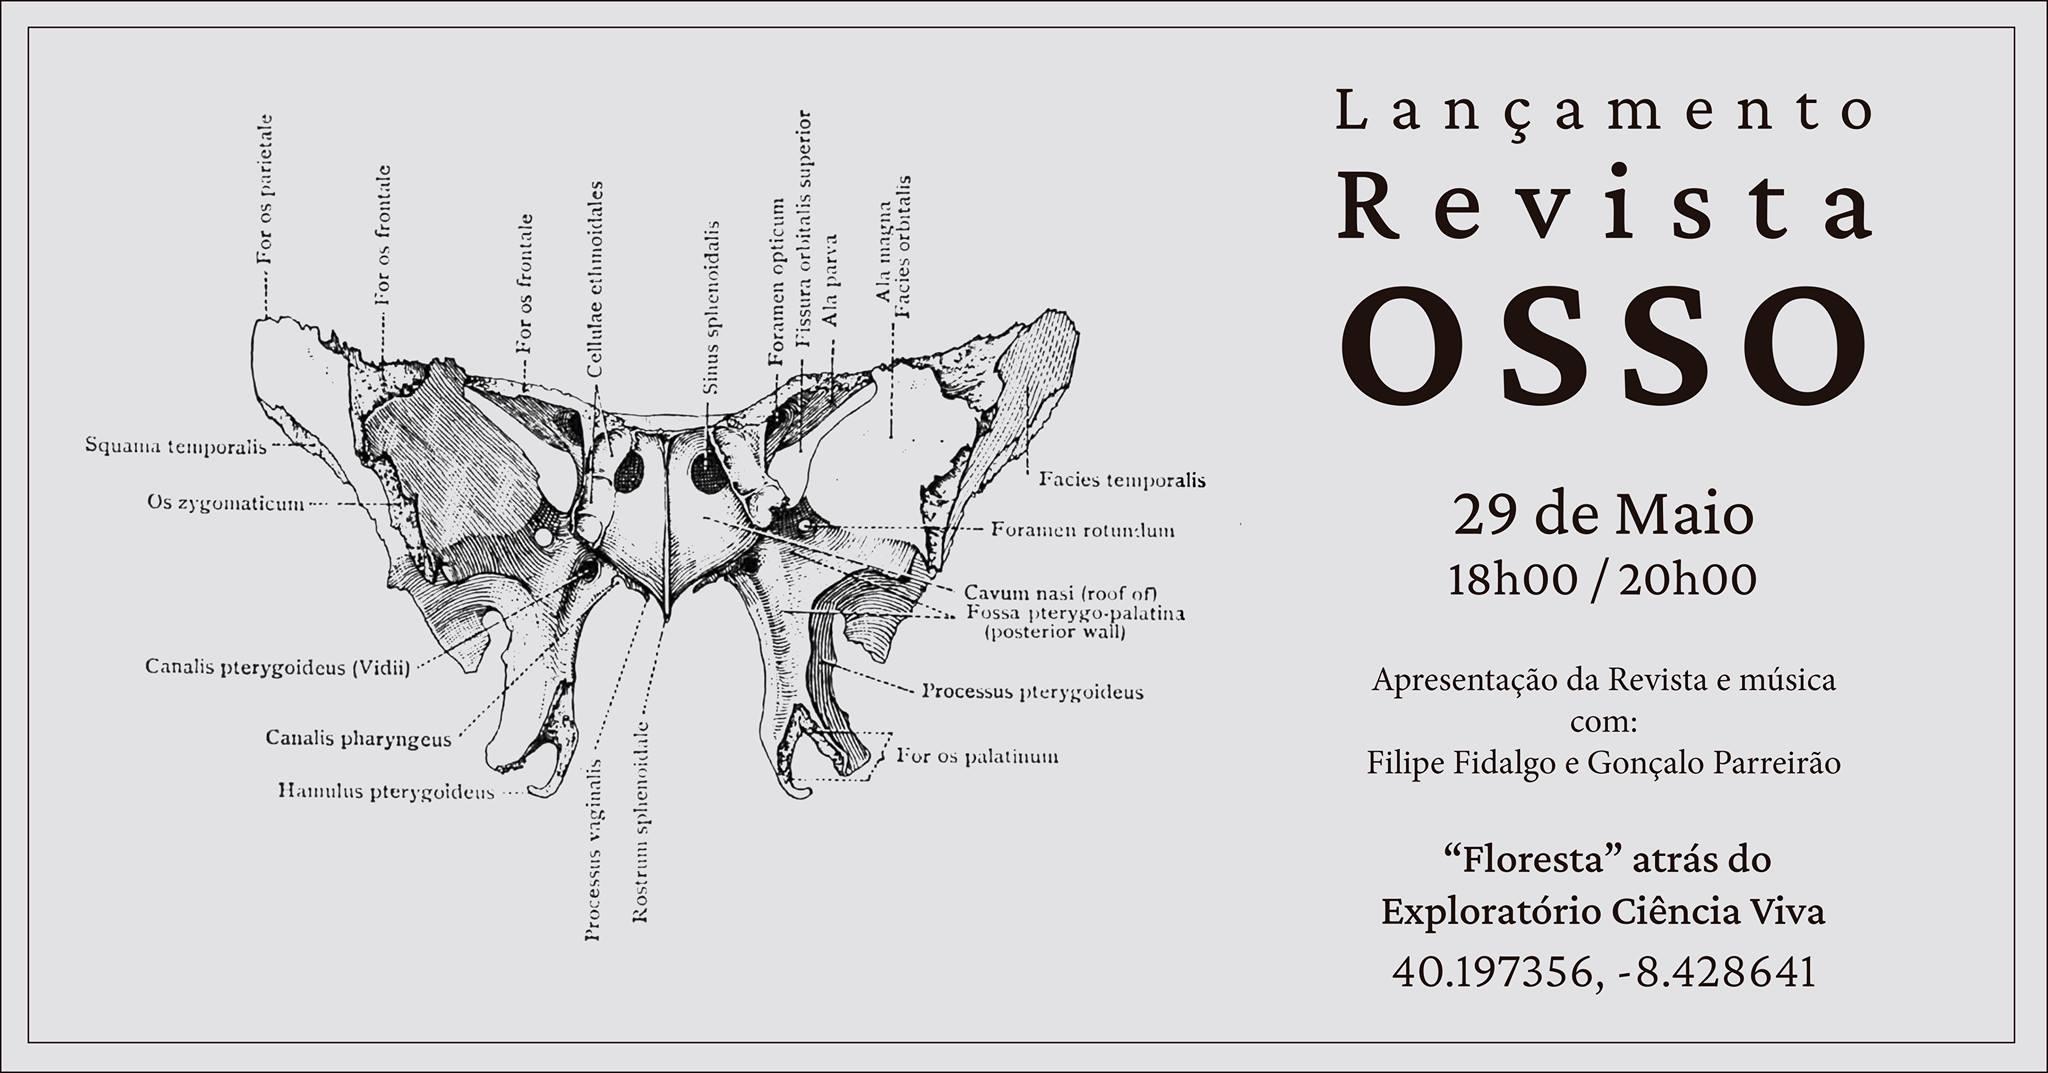 Lançamento Revista OSSO